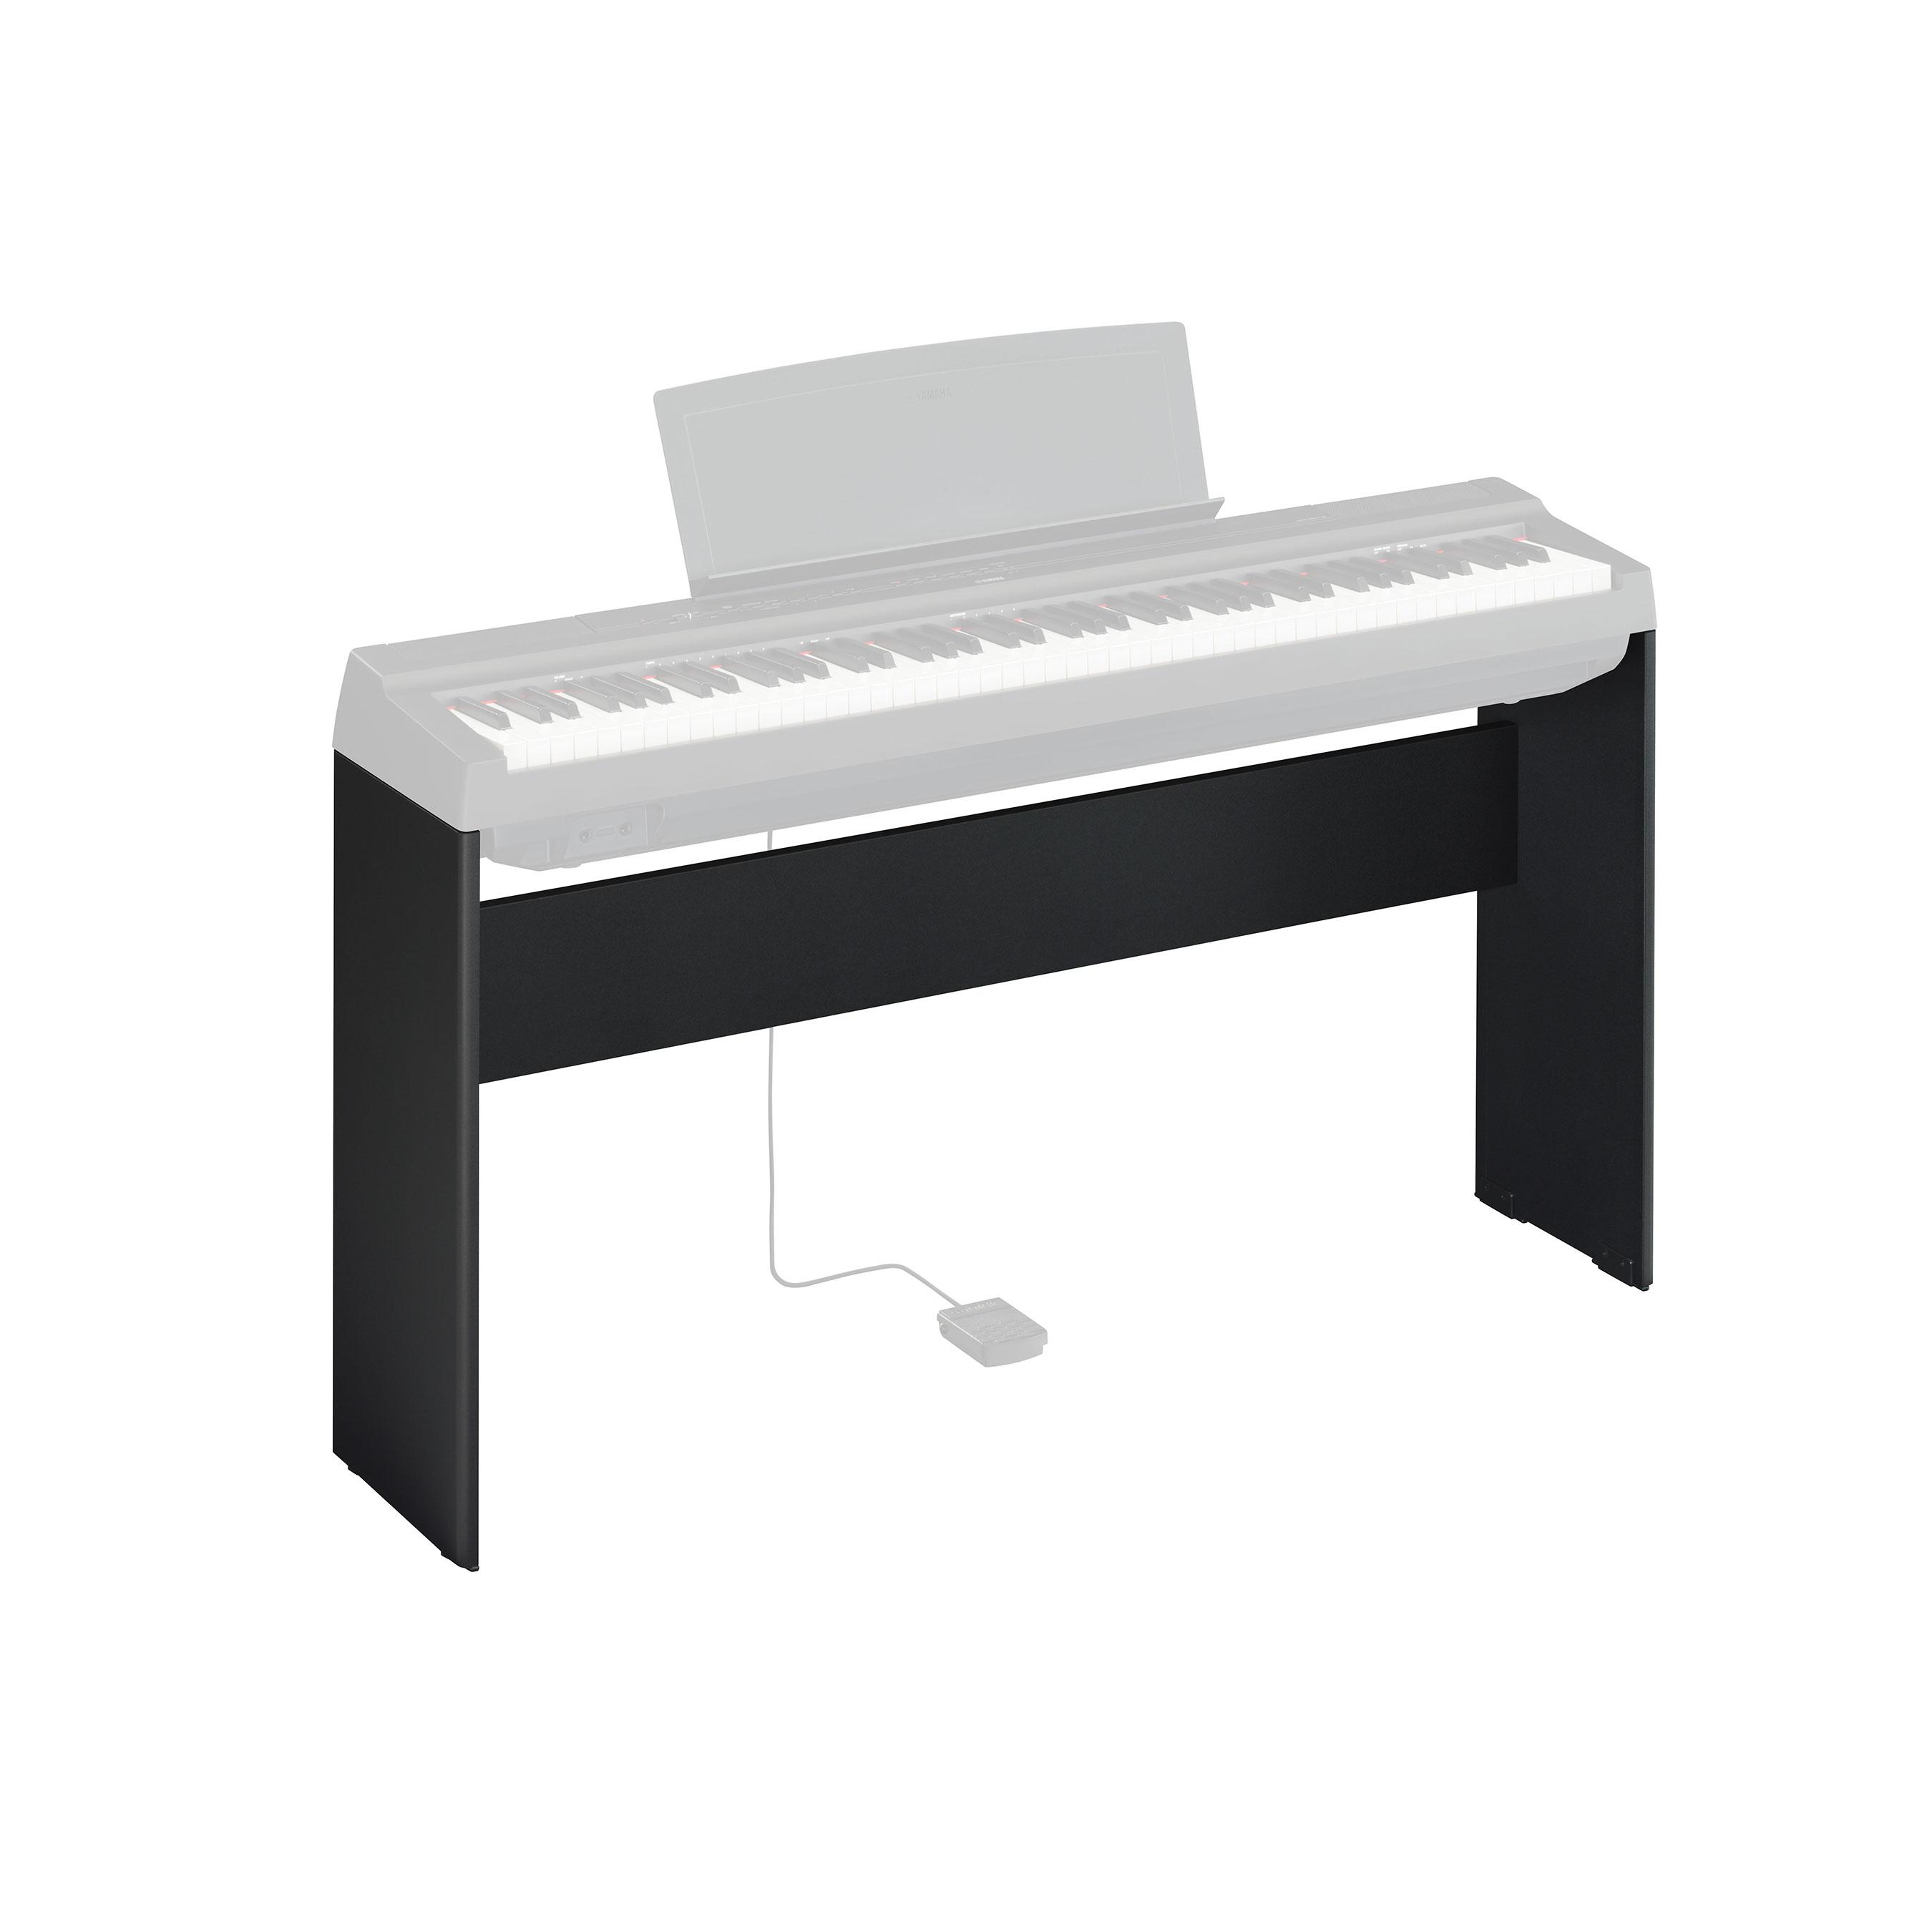 Yamaha - Support L125B noir pour piano P-125